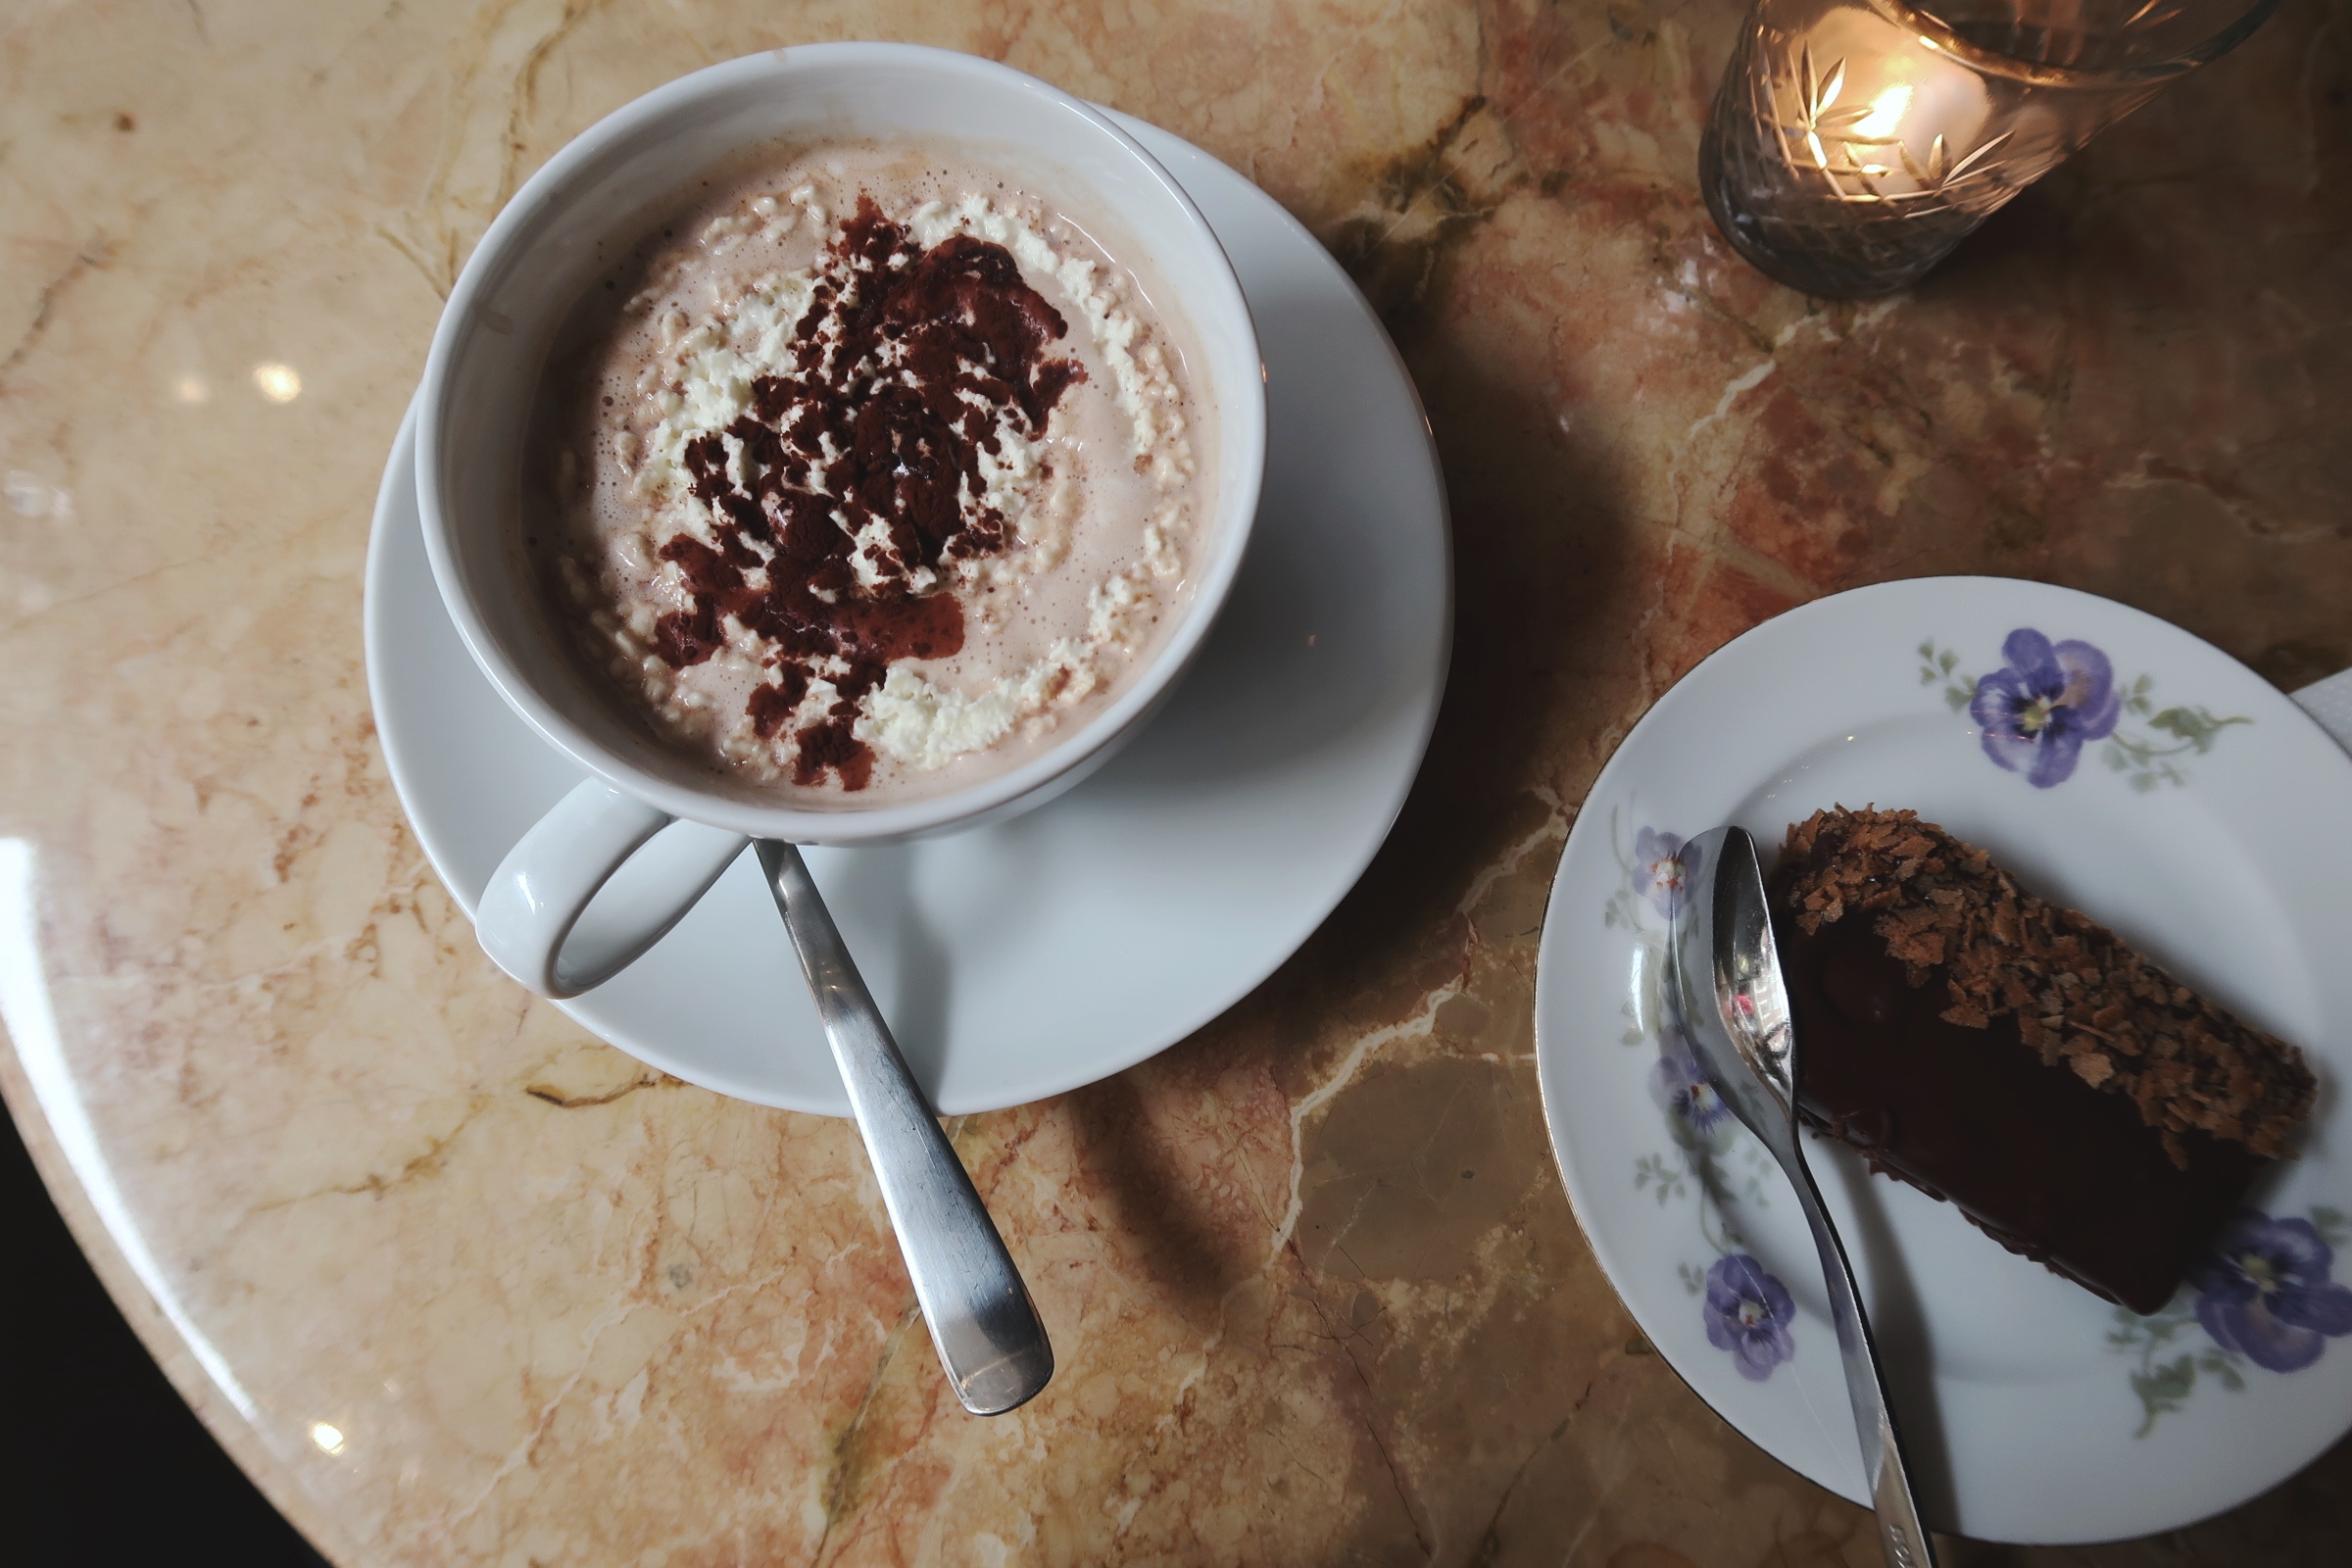 Underbart god varm choklad och fika på Hovby no 9 i Lund